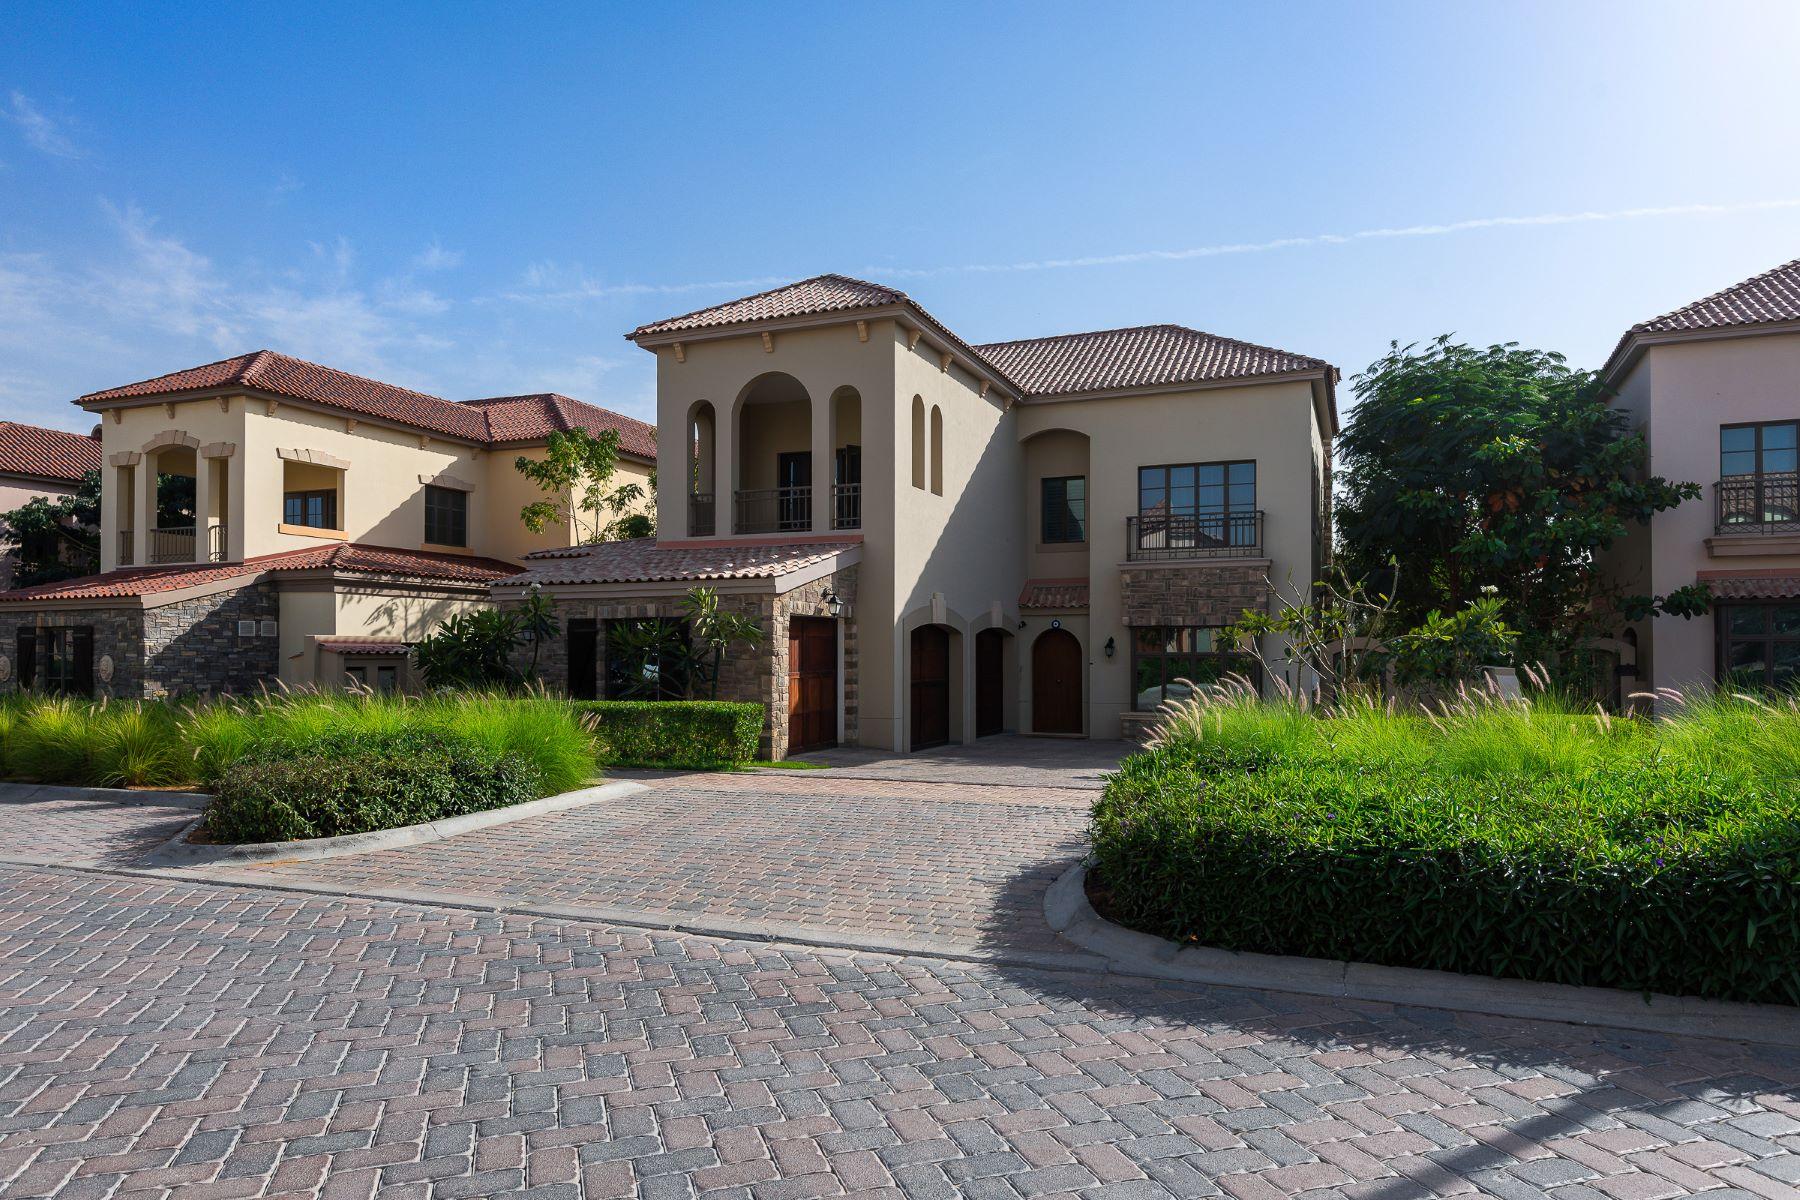 Частный односемейный дом для того Продажа на Upgraded Oakmont Earth Course Dubai, Объединенные Арабские Эмираты